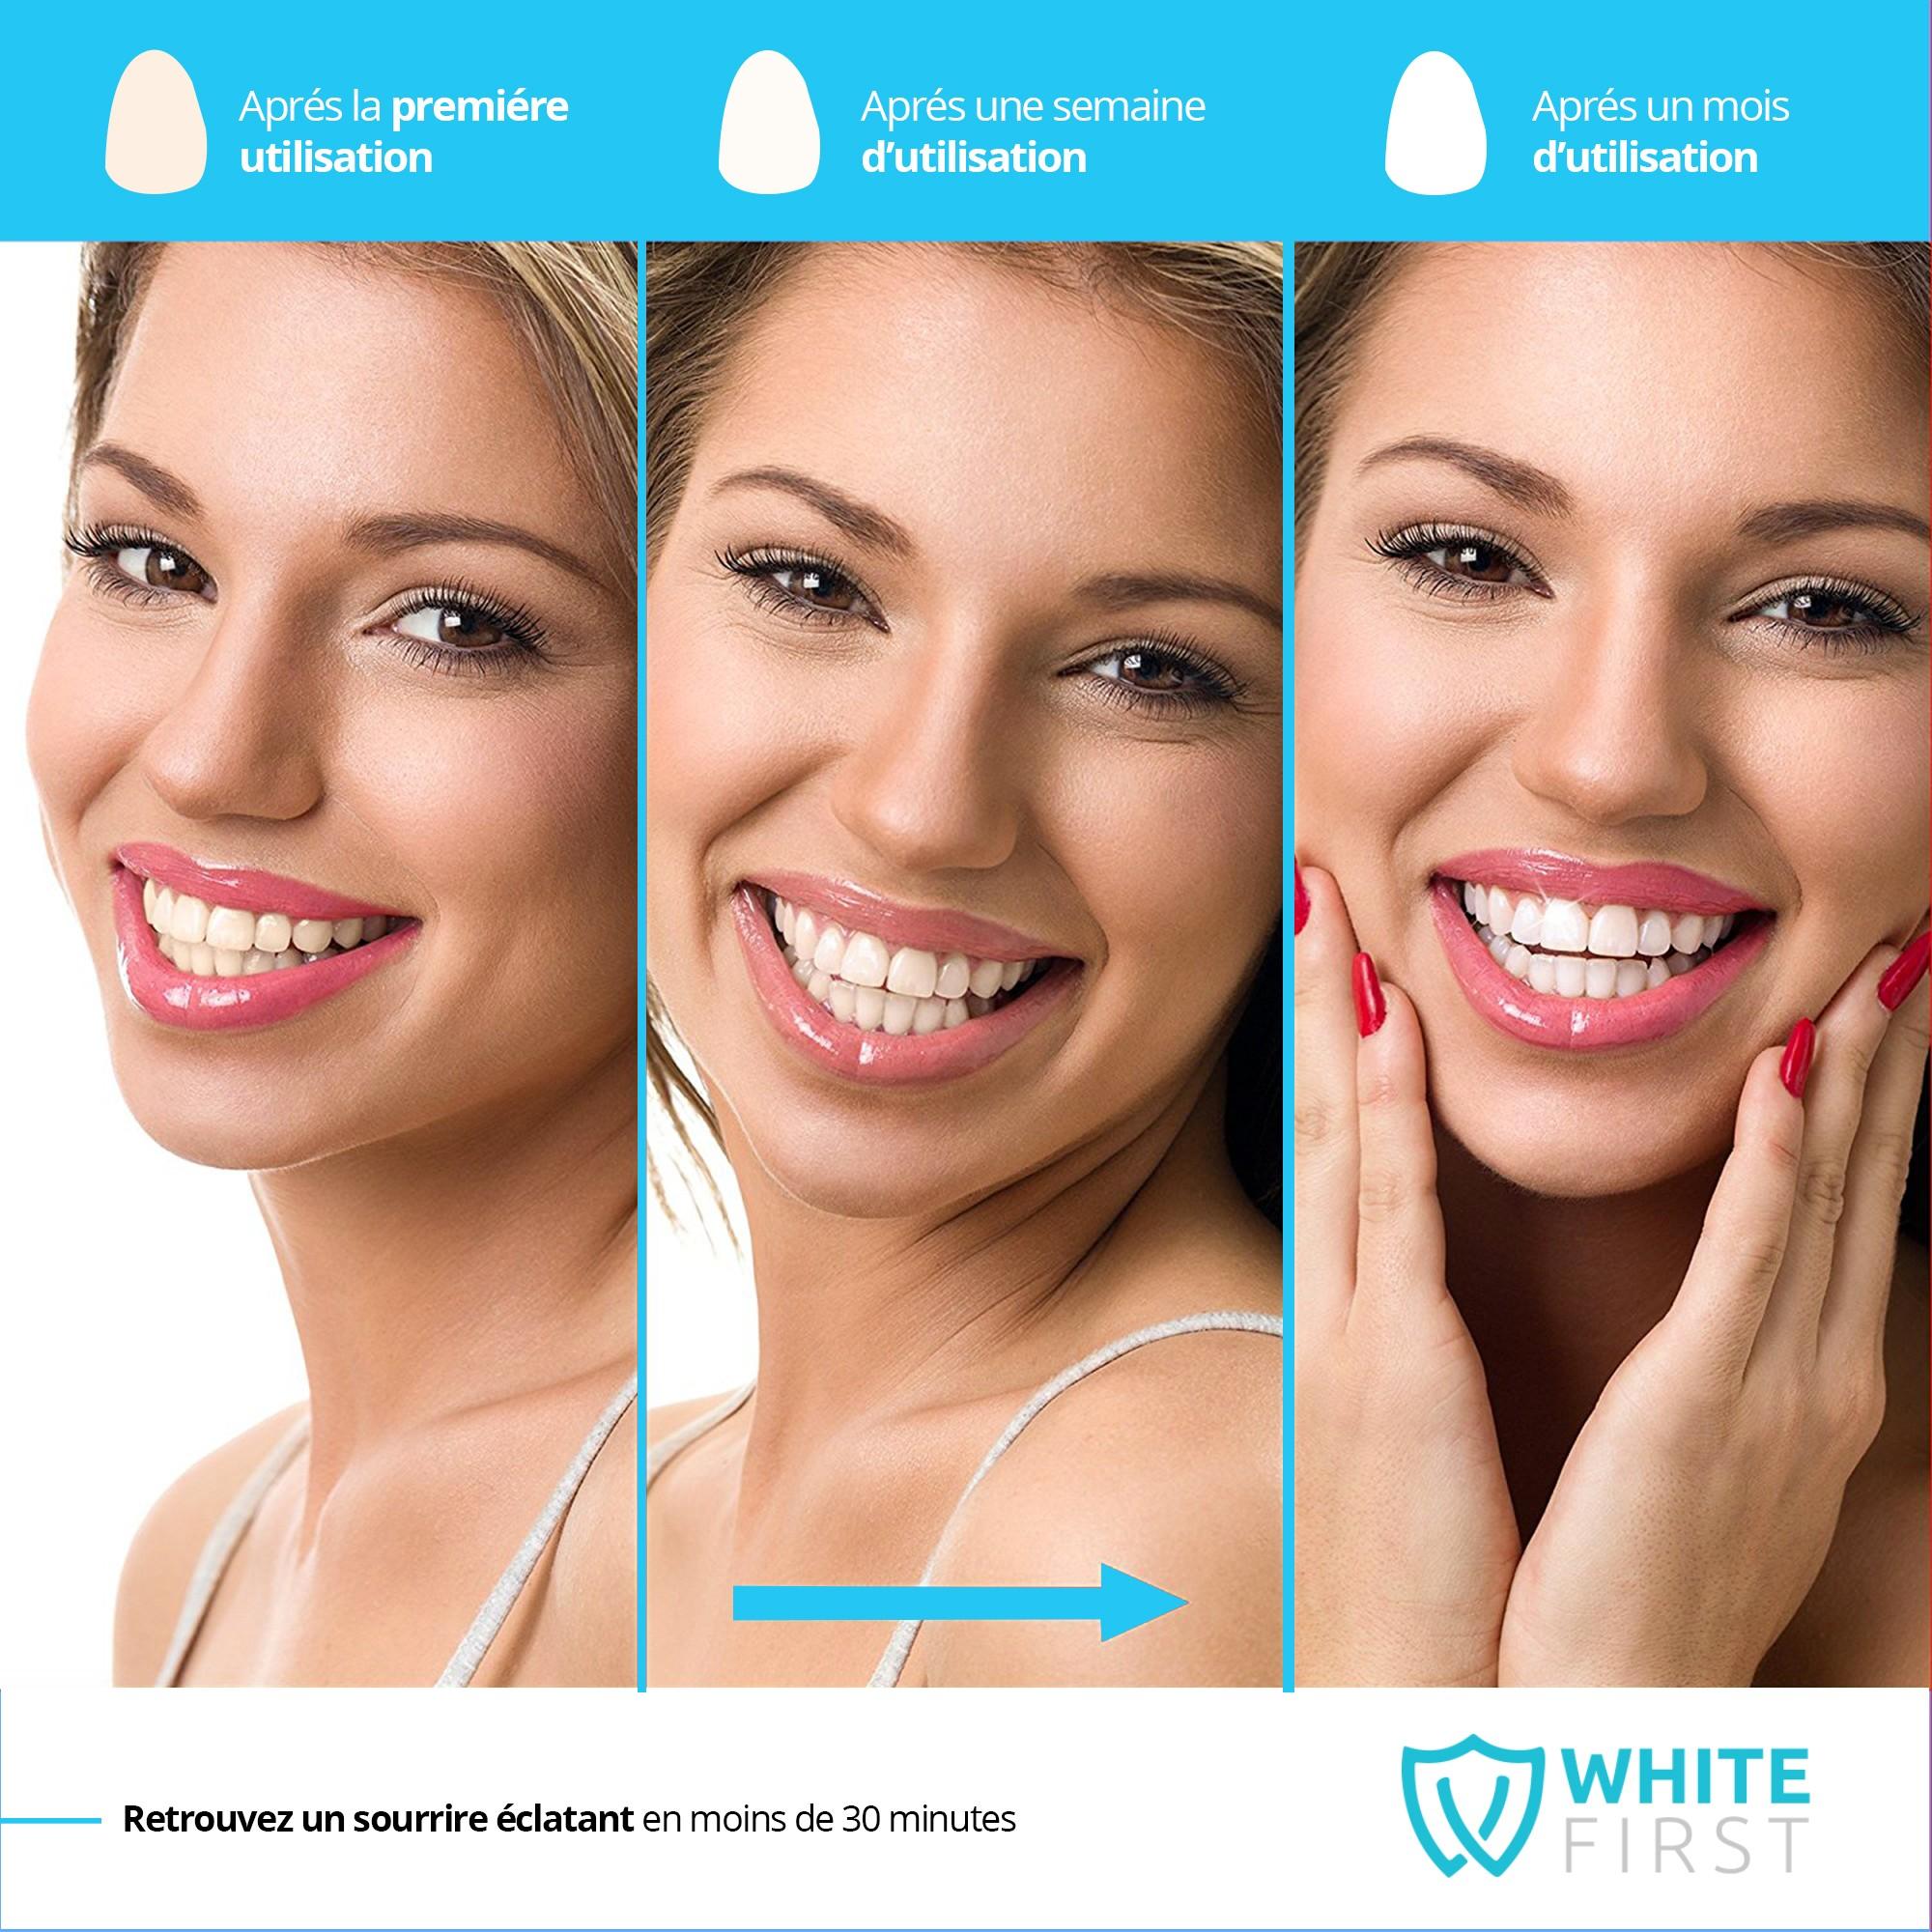 De Détails Accélératrice Kit Dentaire First Dents Blanches White Sur Blanchiment ® Lampe ywmN80nOv